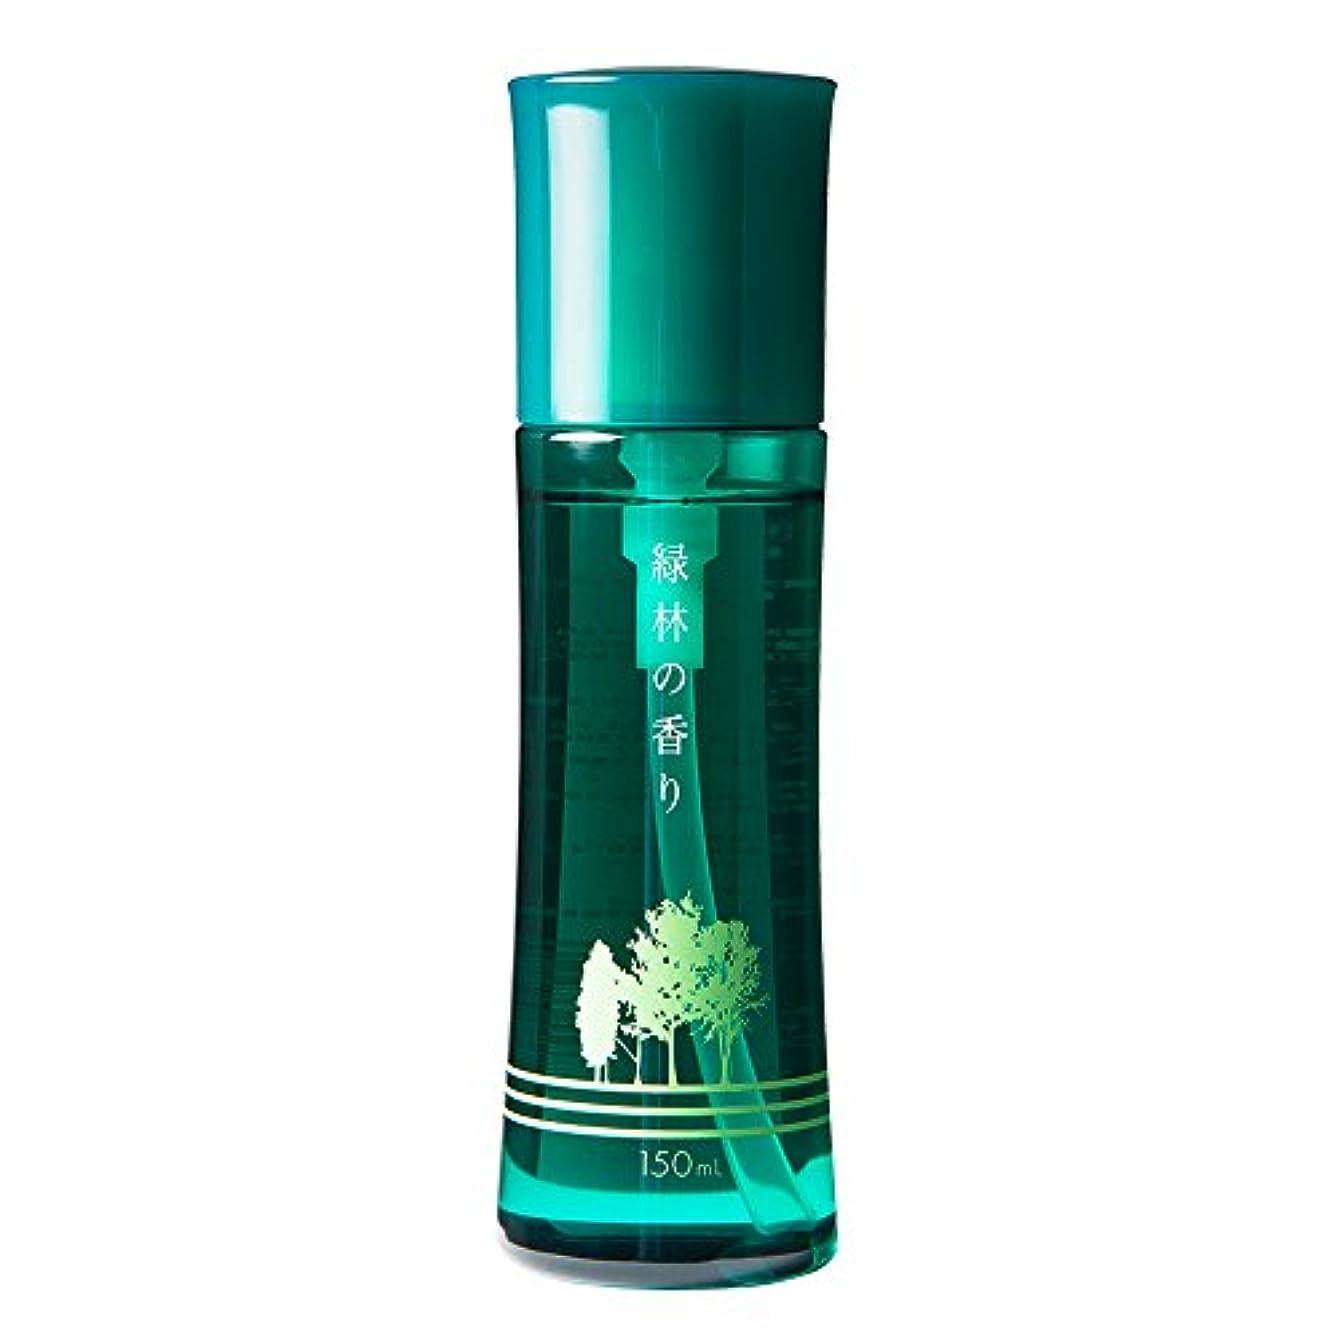 顕現破滅的なあいまいな芳香剤「緑林の香り(みどりの香り)」150mL 日本予防医薬